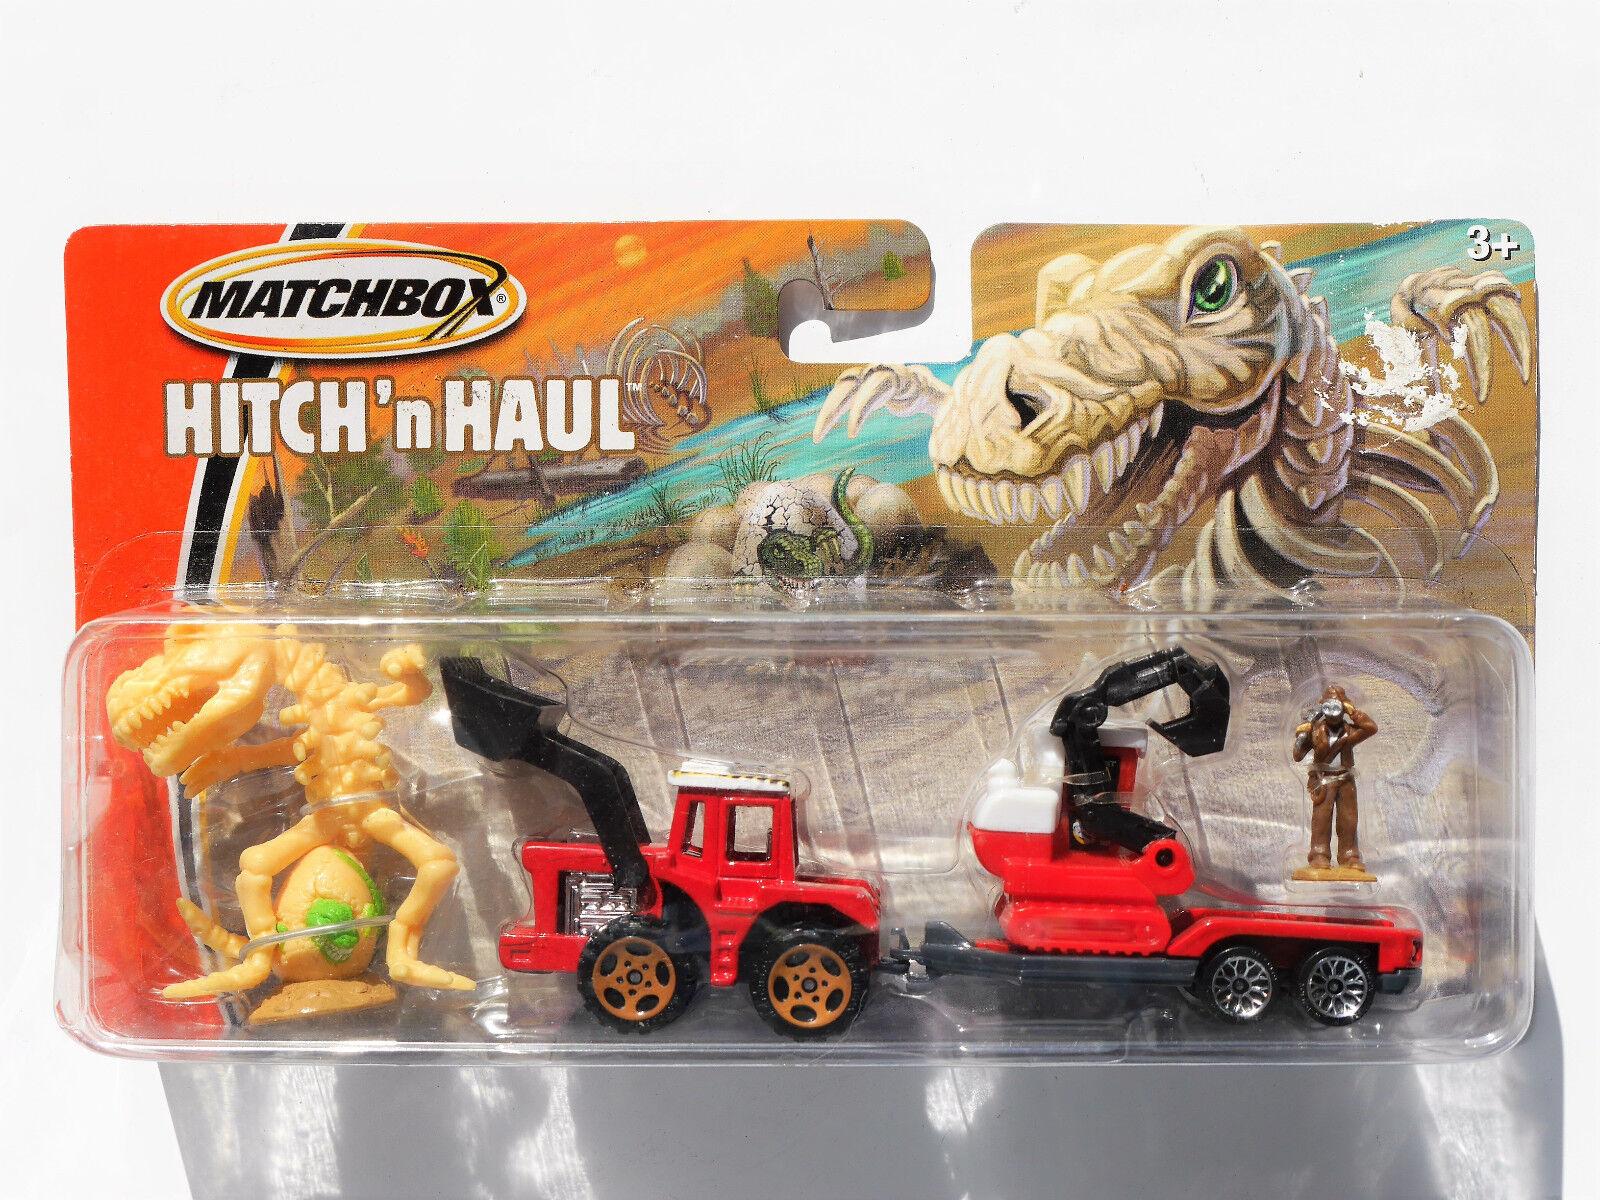 MAPPAMONDO Jurassic Dino Pit, 2005 MATCHBOX Hitch 'n Haul  h8462-0718 Boxed